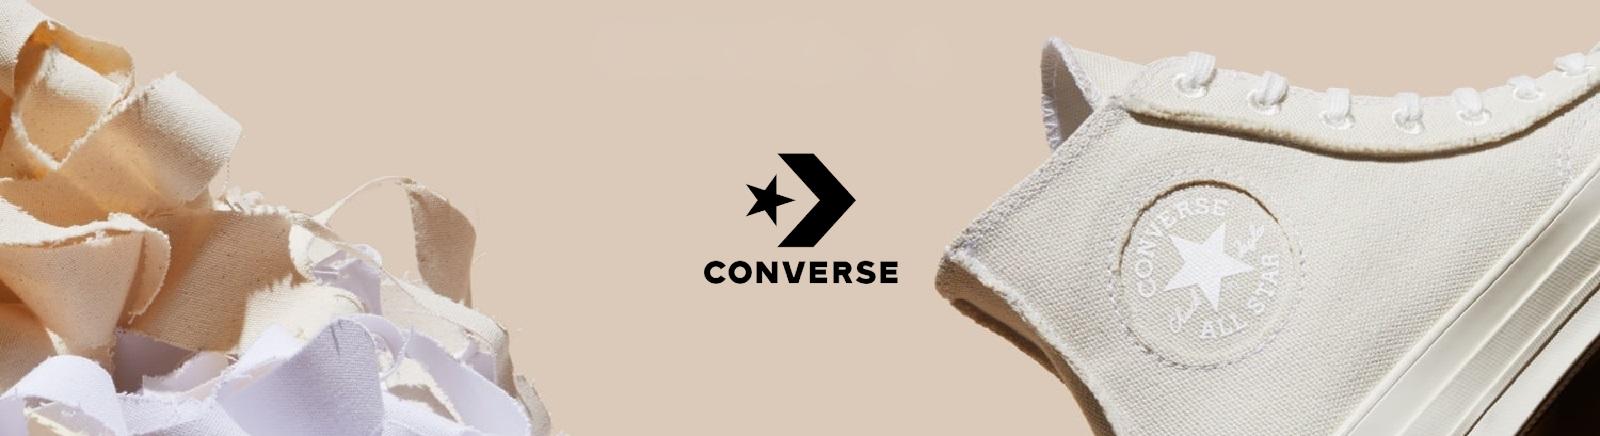 Converse Markenschuhe online kaufen im Shop von GISY